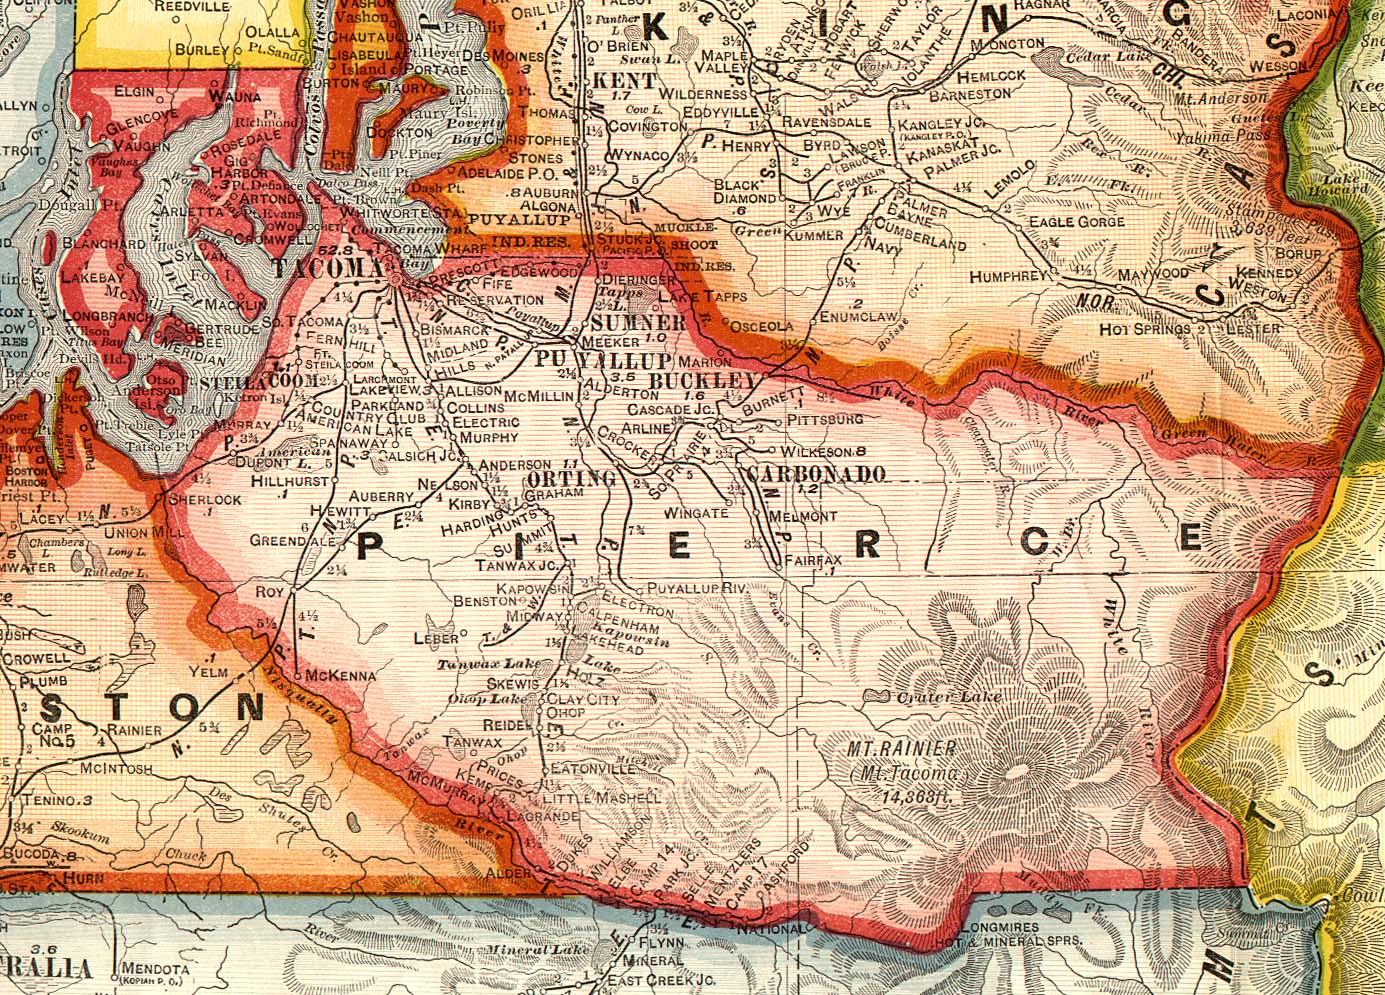 Crams Superior Map Of Washington Washington Digital Map - Washington map